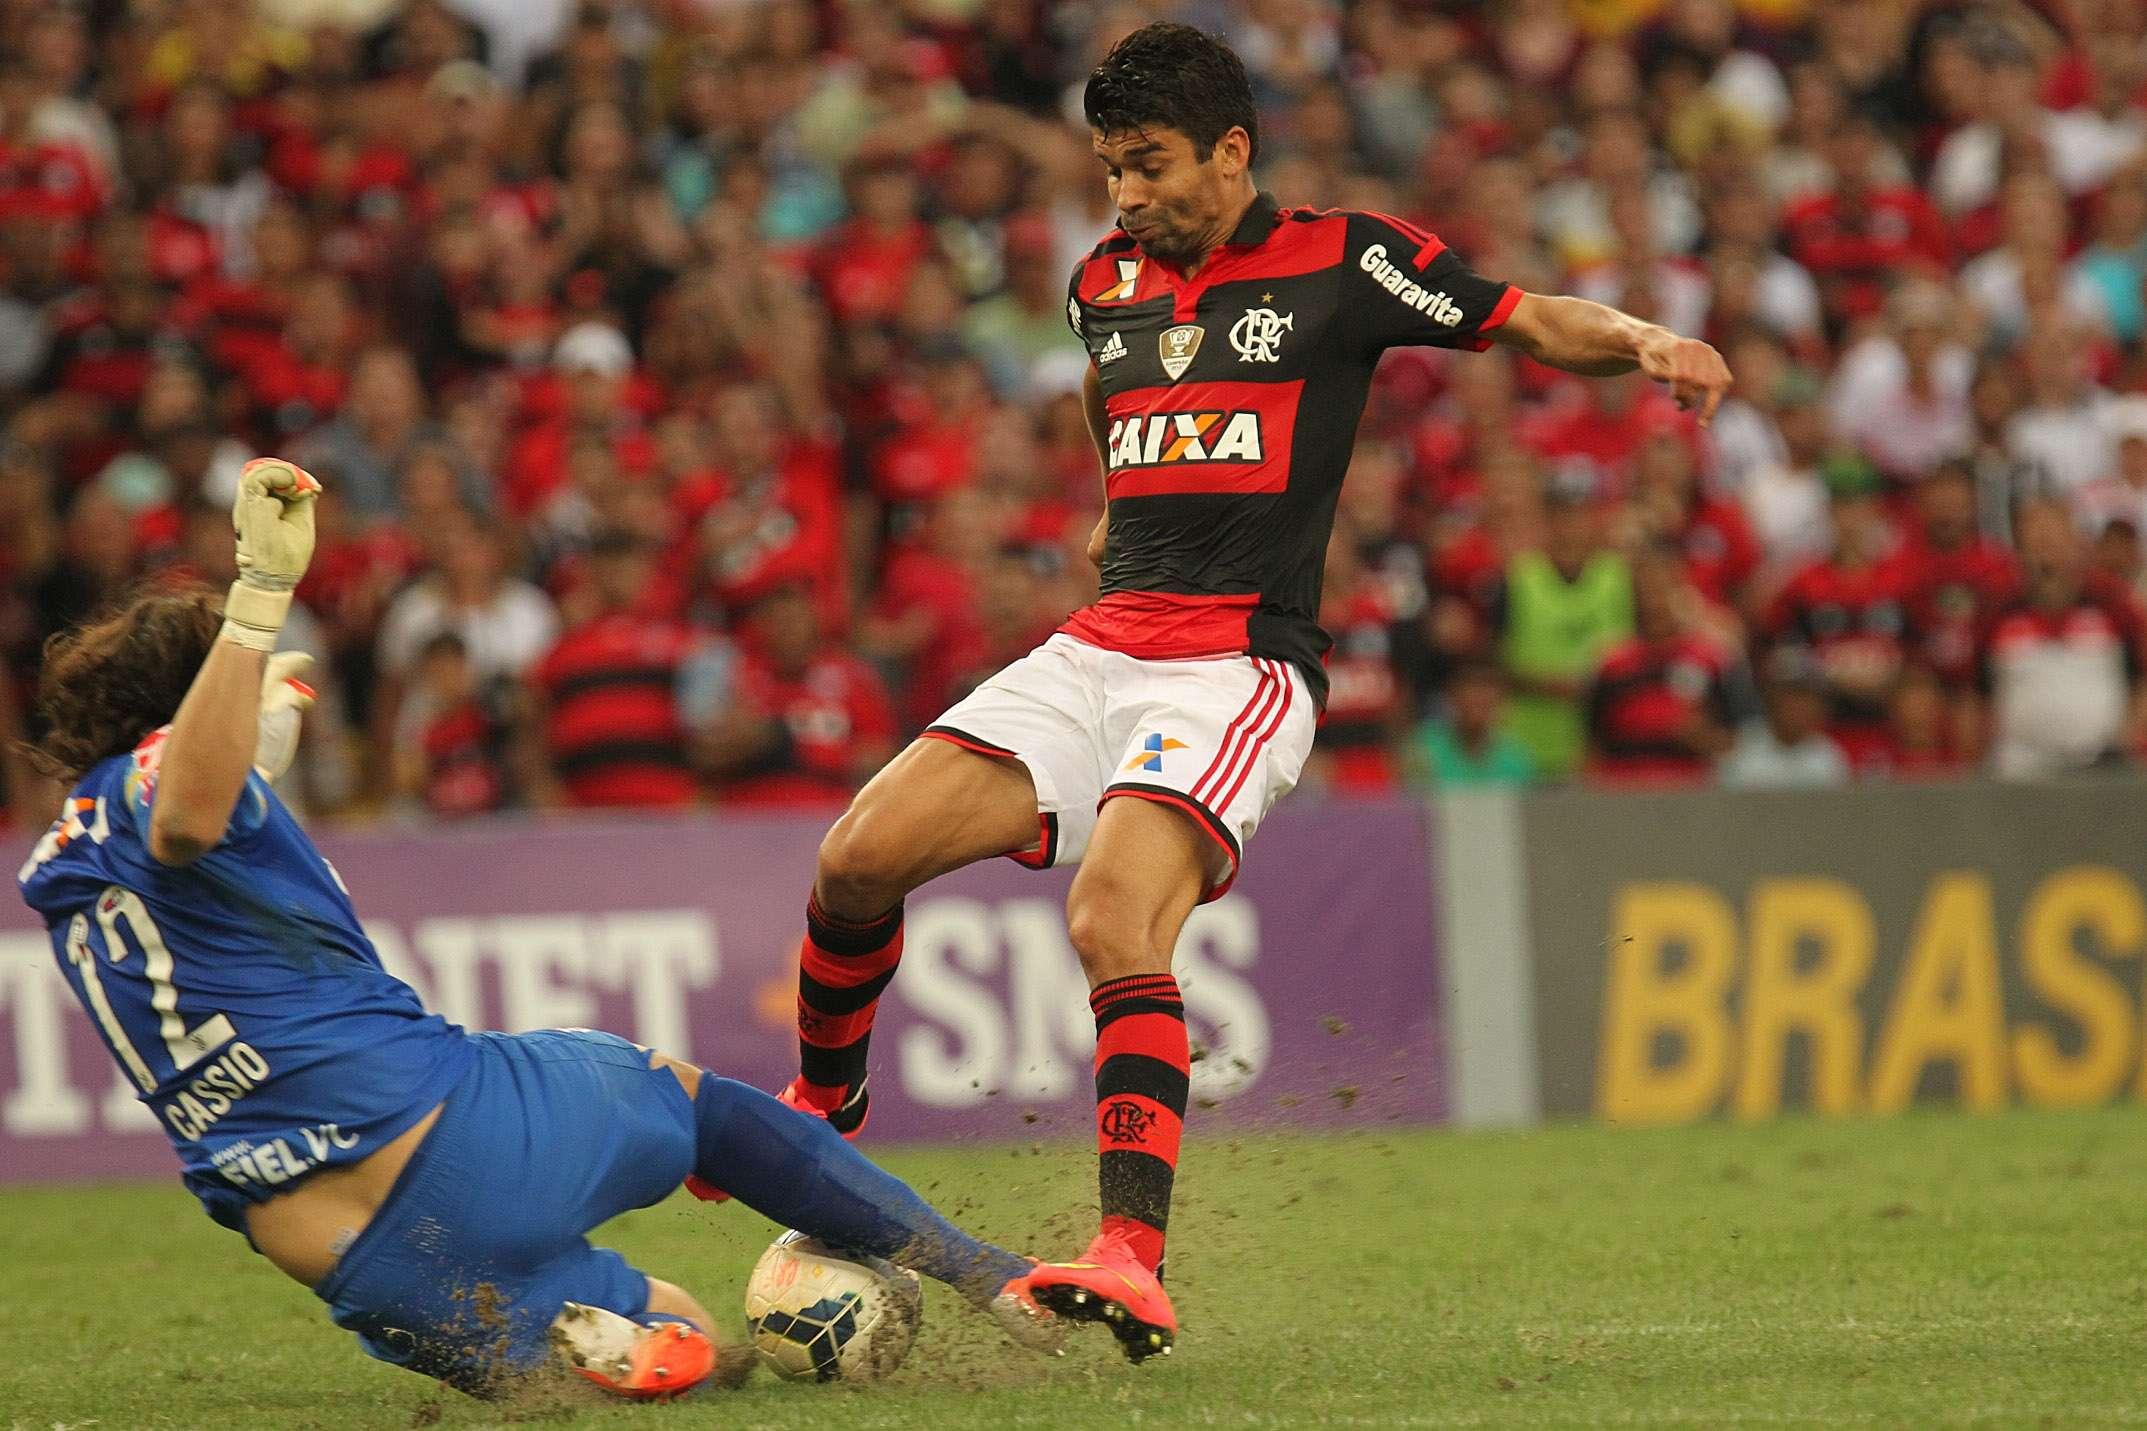 Cássio foi o melhor jogador do Corinthians em campo Foto: Gilvan de Souza/Fla Imagens/Divulgação